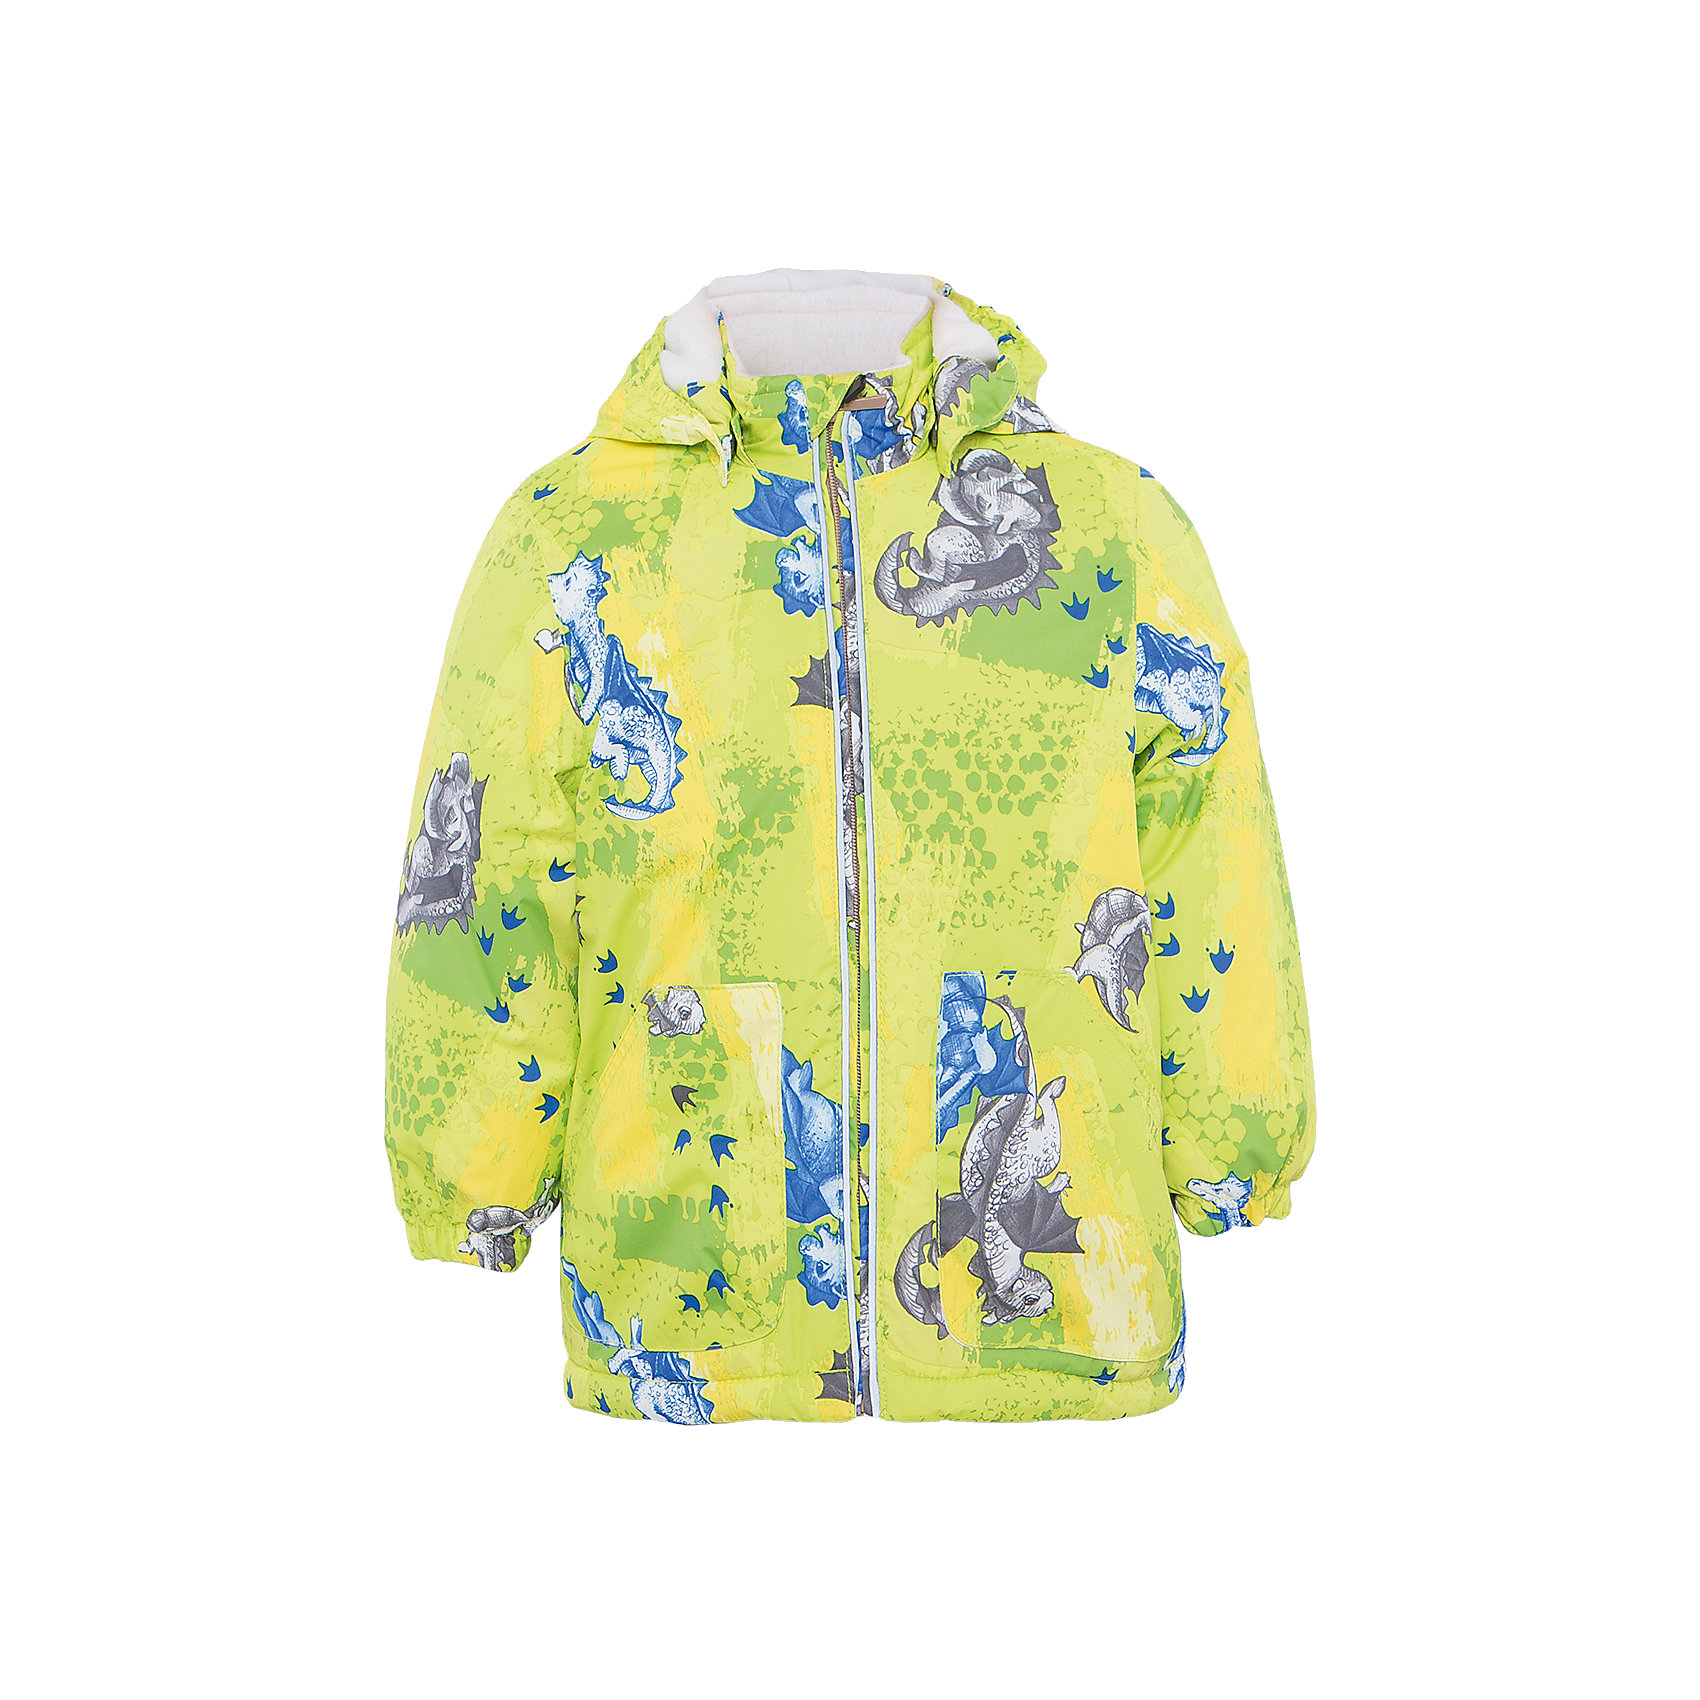 Куртка для мальчика BERTY HuppaВерхняя одежда<br>Характеристики товара:<br><br>• цвет: лайм принт<br>• ткань: 100% полиэстер<br>• подкладка: Coral-fleece, смесь хлопка и полиэстера, в рукавах тафат - 100% полиэстер<br>• утеплитель: 100% полиэстер 100 г<br>• температурный режим: от -5°С до +10°С<br>• водонепроницаемость: 5000 мм<br>• воздухопроницаемость: 5000 мм<br>• светоотражающие детали<br>• эластичные манжеты<br>• эластичный шнурок + фиксатор<br>• защита подбородка<br>• съёмный капюшон с резинкой<br>• комфортная посадка<br>• коллекция: весна-лето 2017<br>• страна бренда: Эстония<br><br>Такая легкая и стильная куртка обеспечит детям тепло и комфорт. Она сделана из материала, отталкивающего воду, и дополнено подкладкой с утеплителем, поэтому изделие идеально подходит для межсезонья. Материал изделия - с мембранной технологией: защищая от влаги и ветра, он легко выводит лишнюю влагу наружу. Для удобства сделан капюшон. Куртка очень симпатично смотрится, яркая расцветка и крой добавляют ему оригинальности. Модель была разработана специально для детей.<br><br>Одежда и обувь от популярного эстонского бренда Huppa - отличный вариант одеть ребенка можно и комфортно. Вещи, выпускаемые компанией, качественные, продуманные и очень удобные. Для производства изделий используются только безопасные для детей материалы. Продукция от Huppa порадует и детей, и их родителей!<br><br>Куртку для мальчика BERTY от бренда Huppa (Хуппа) можно купить в нашем интернет-магазине.<br><br>Ширина мм: 356<br>Глубина мм: 10<br>Высота мм: 245<br>Вес г: 519<br>Цвет: зеленый<br>Возраст от месяцев: 12<br>Возраст до месяцев: 15<br>Пол: Мужской<br>Возраст: Детский<br>Размер: 80,104,110,98,92,86<br>SKU: 5346945